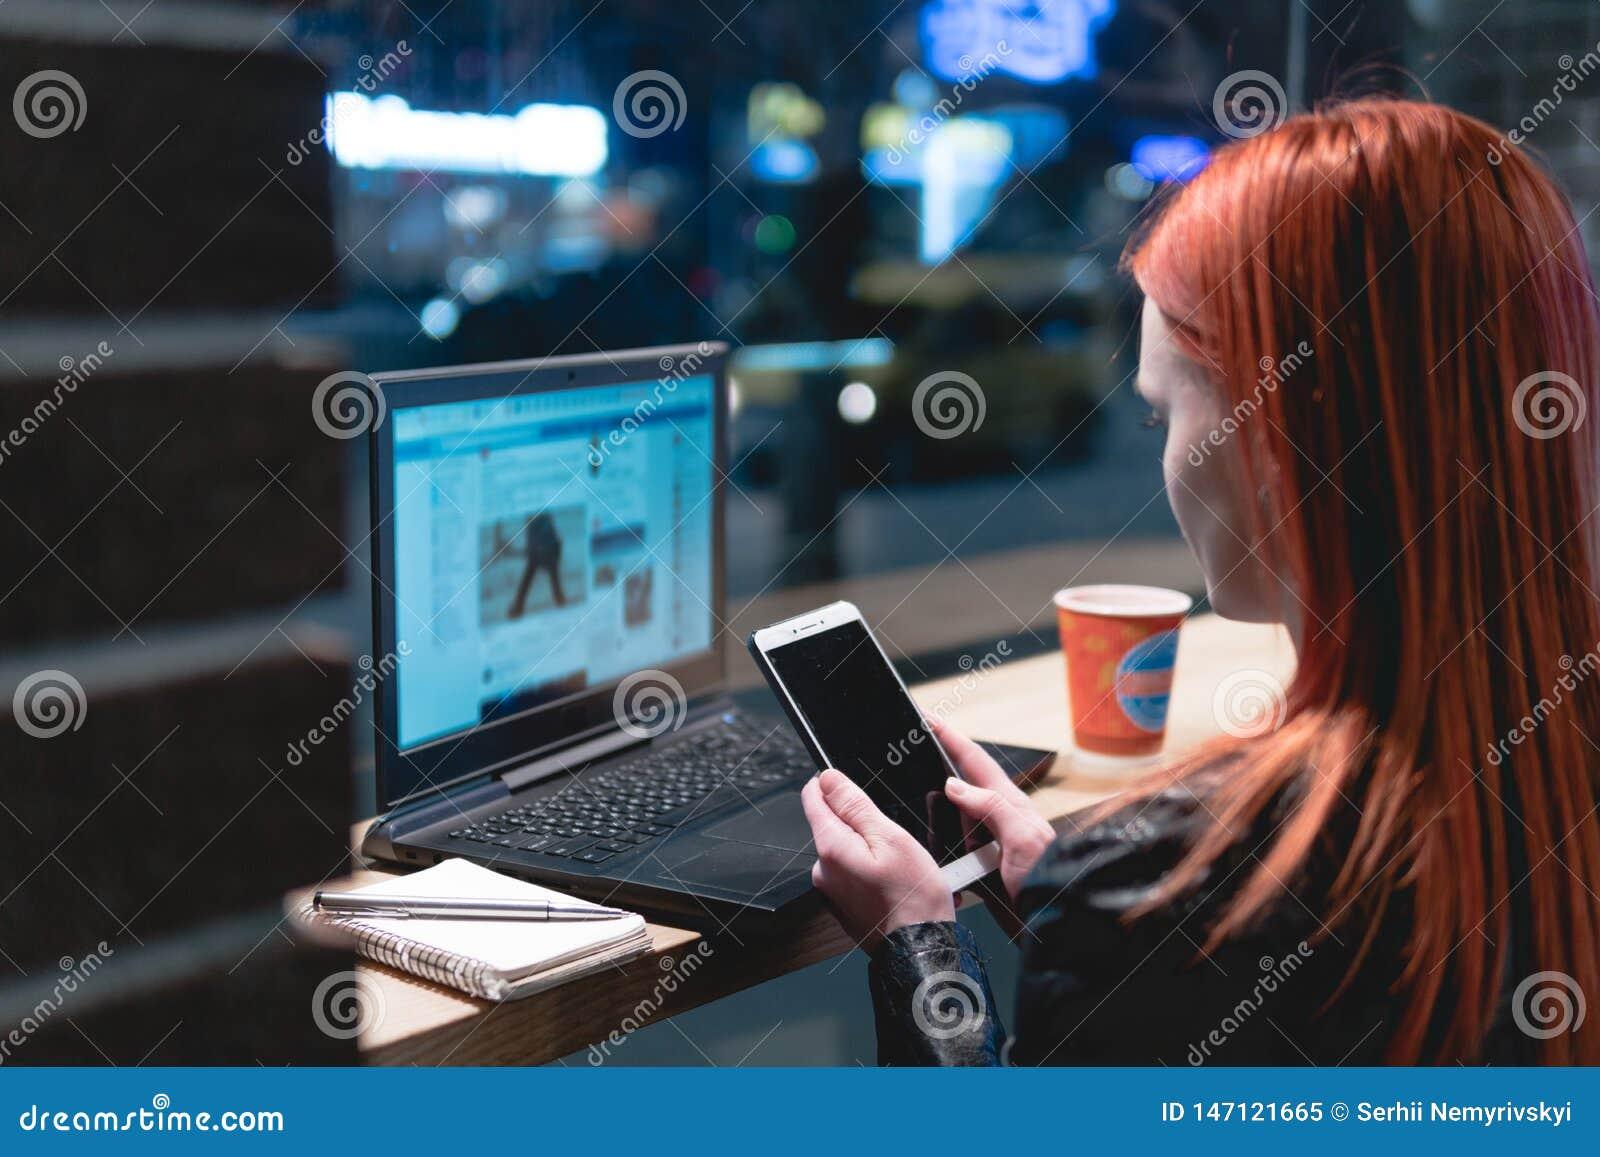 Gesch?ftsfrau, M?dchen, das an Laptop im Caf?, Griff Smartphone in den H?nden, Stift, Gebrauchstelefon arbeitet Freiberufler arbe